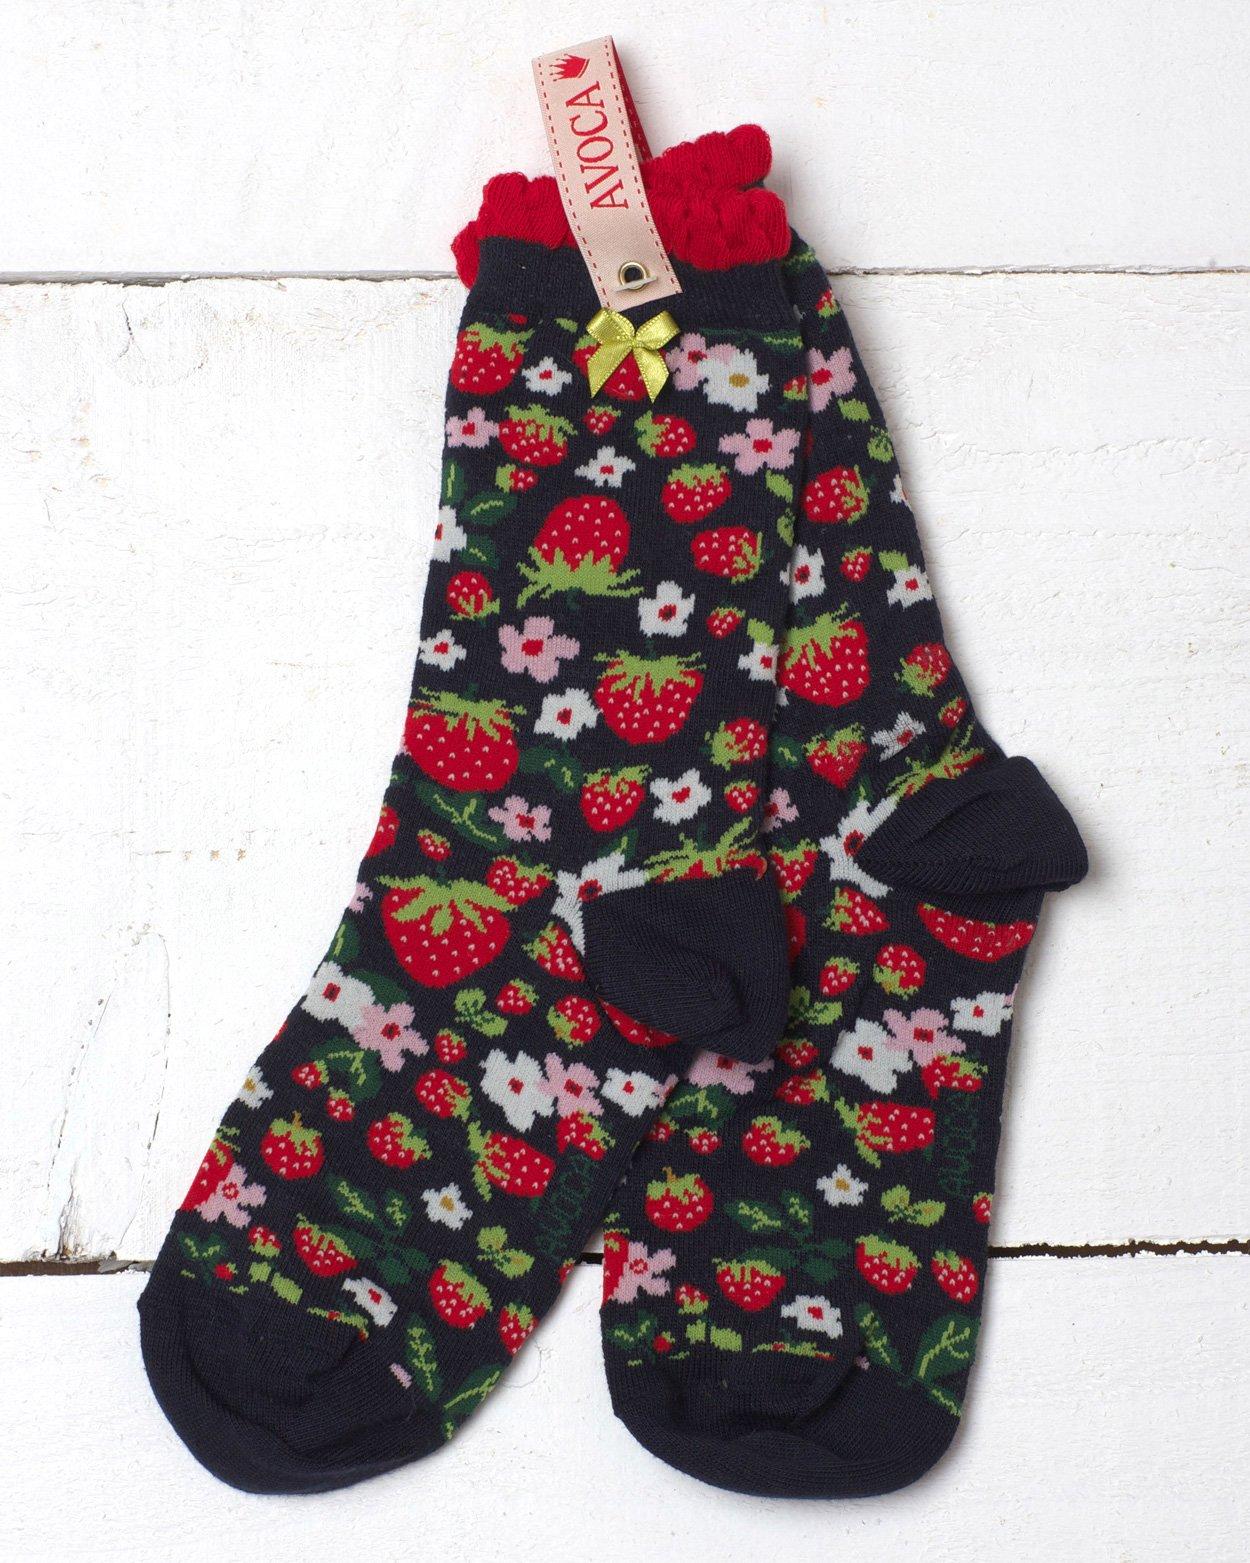 Strawberry Fields Ankle Sock